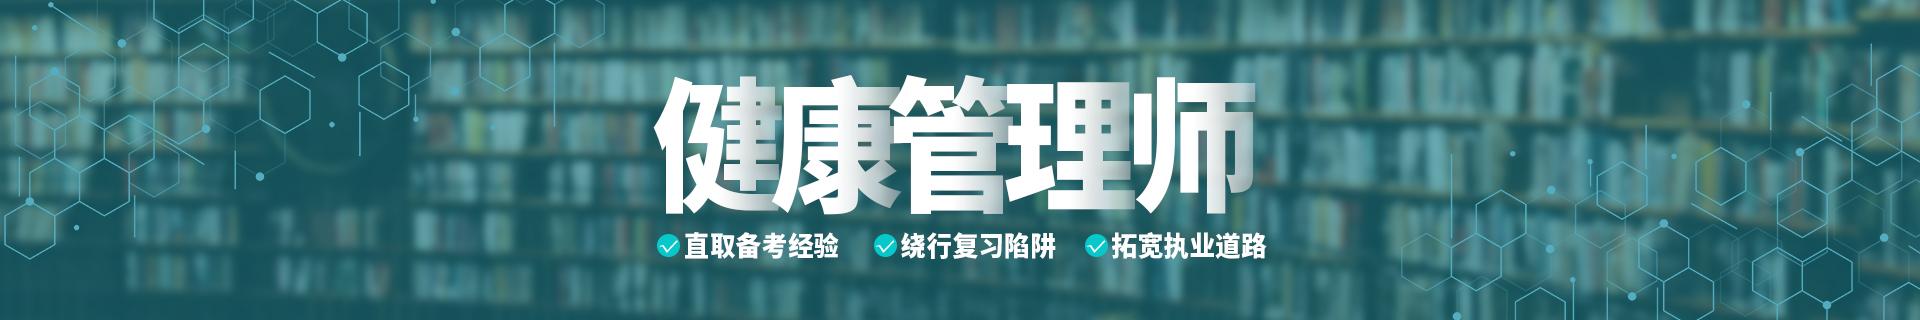 福建泉州优路教育培训学校